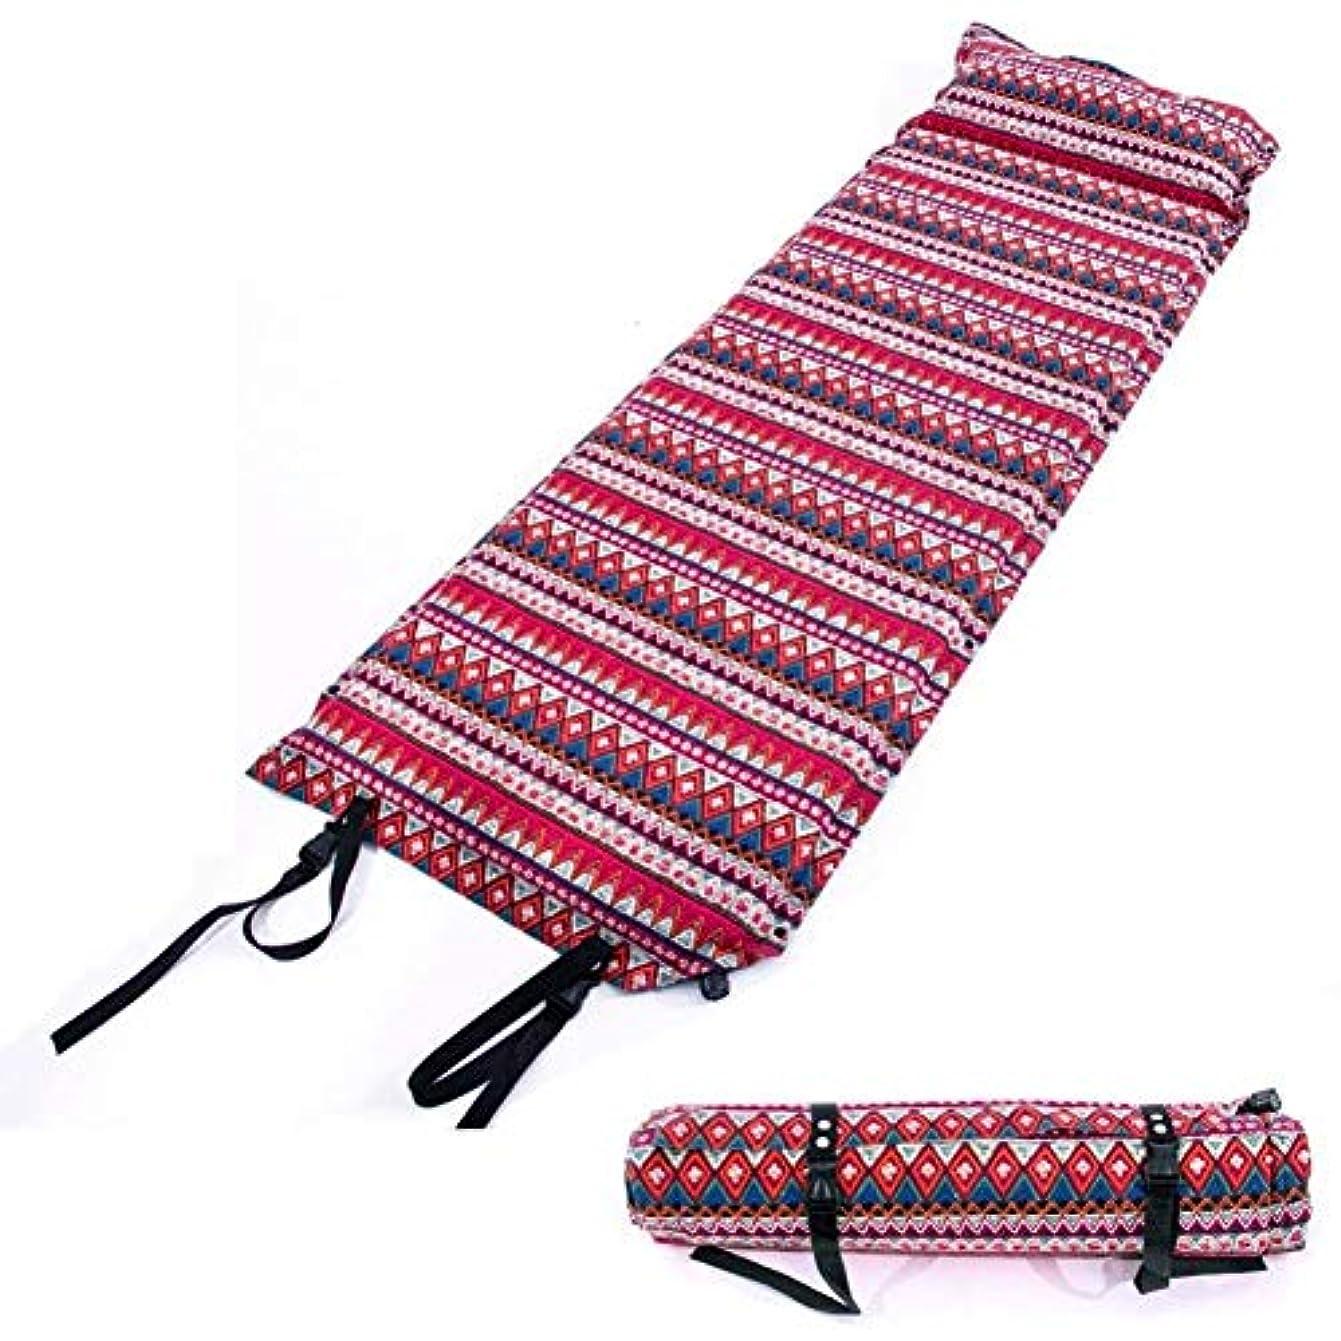 小学生シエスタソーシャル自己膨脹式マットレスのキャンプ、膨脹可能なキャンプ用ベッドの睡眠のマットの軽量の泡の睡眠のパッド袋